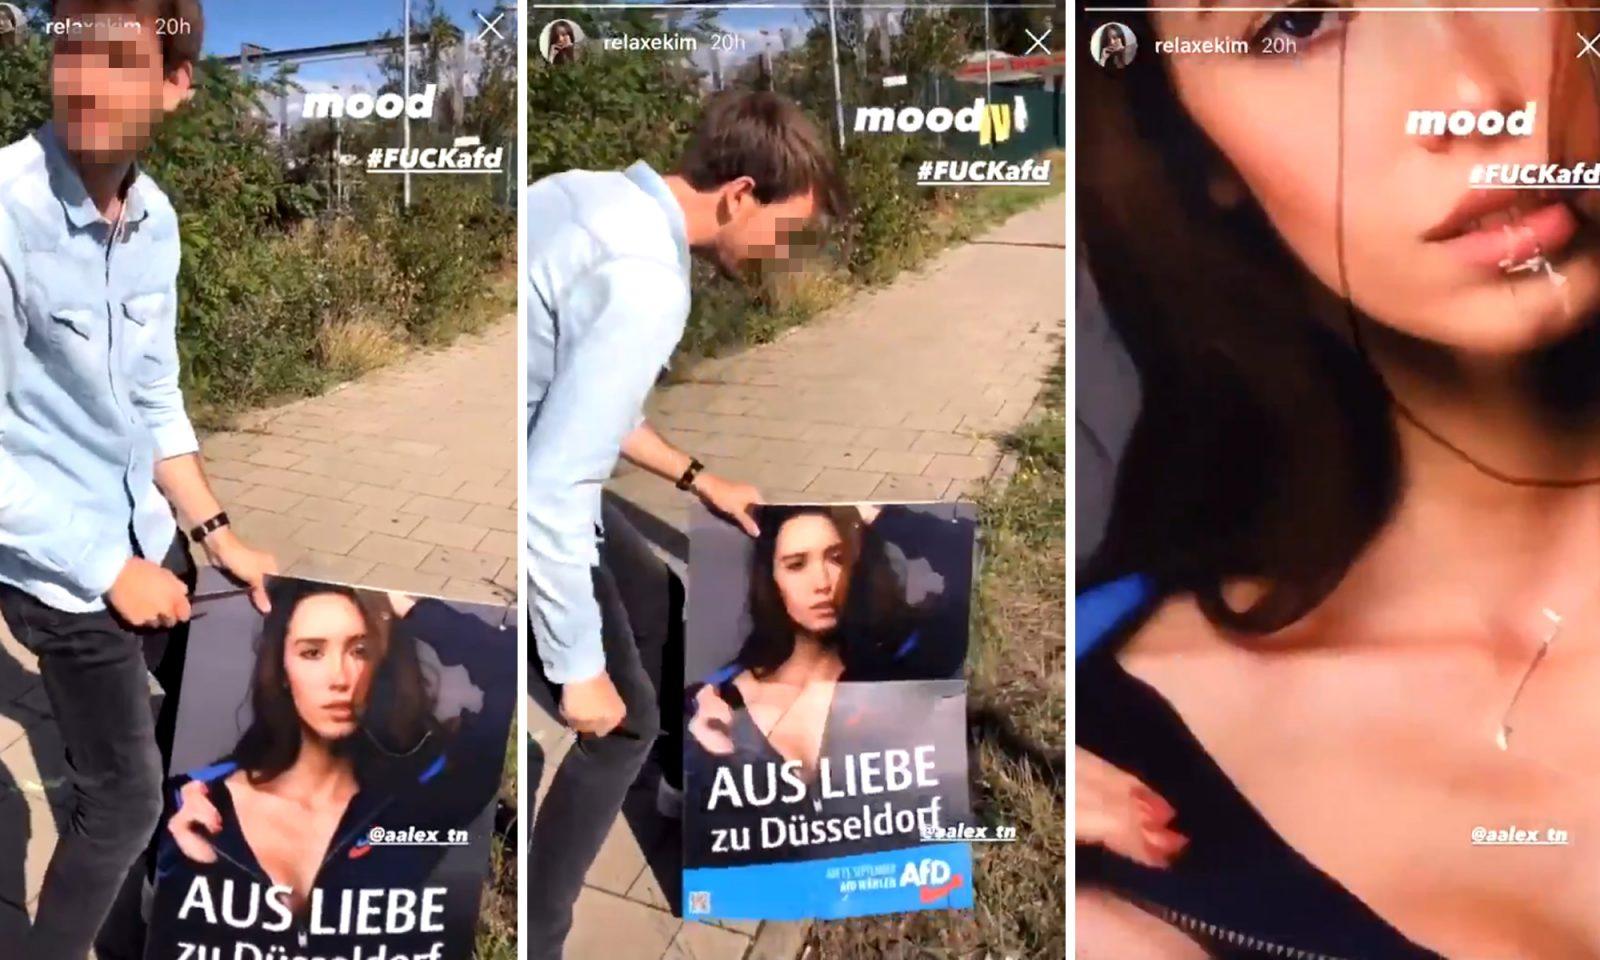 Mann sticht auf AfD-Wahlplakat ein